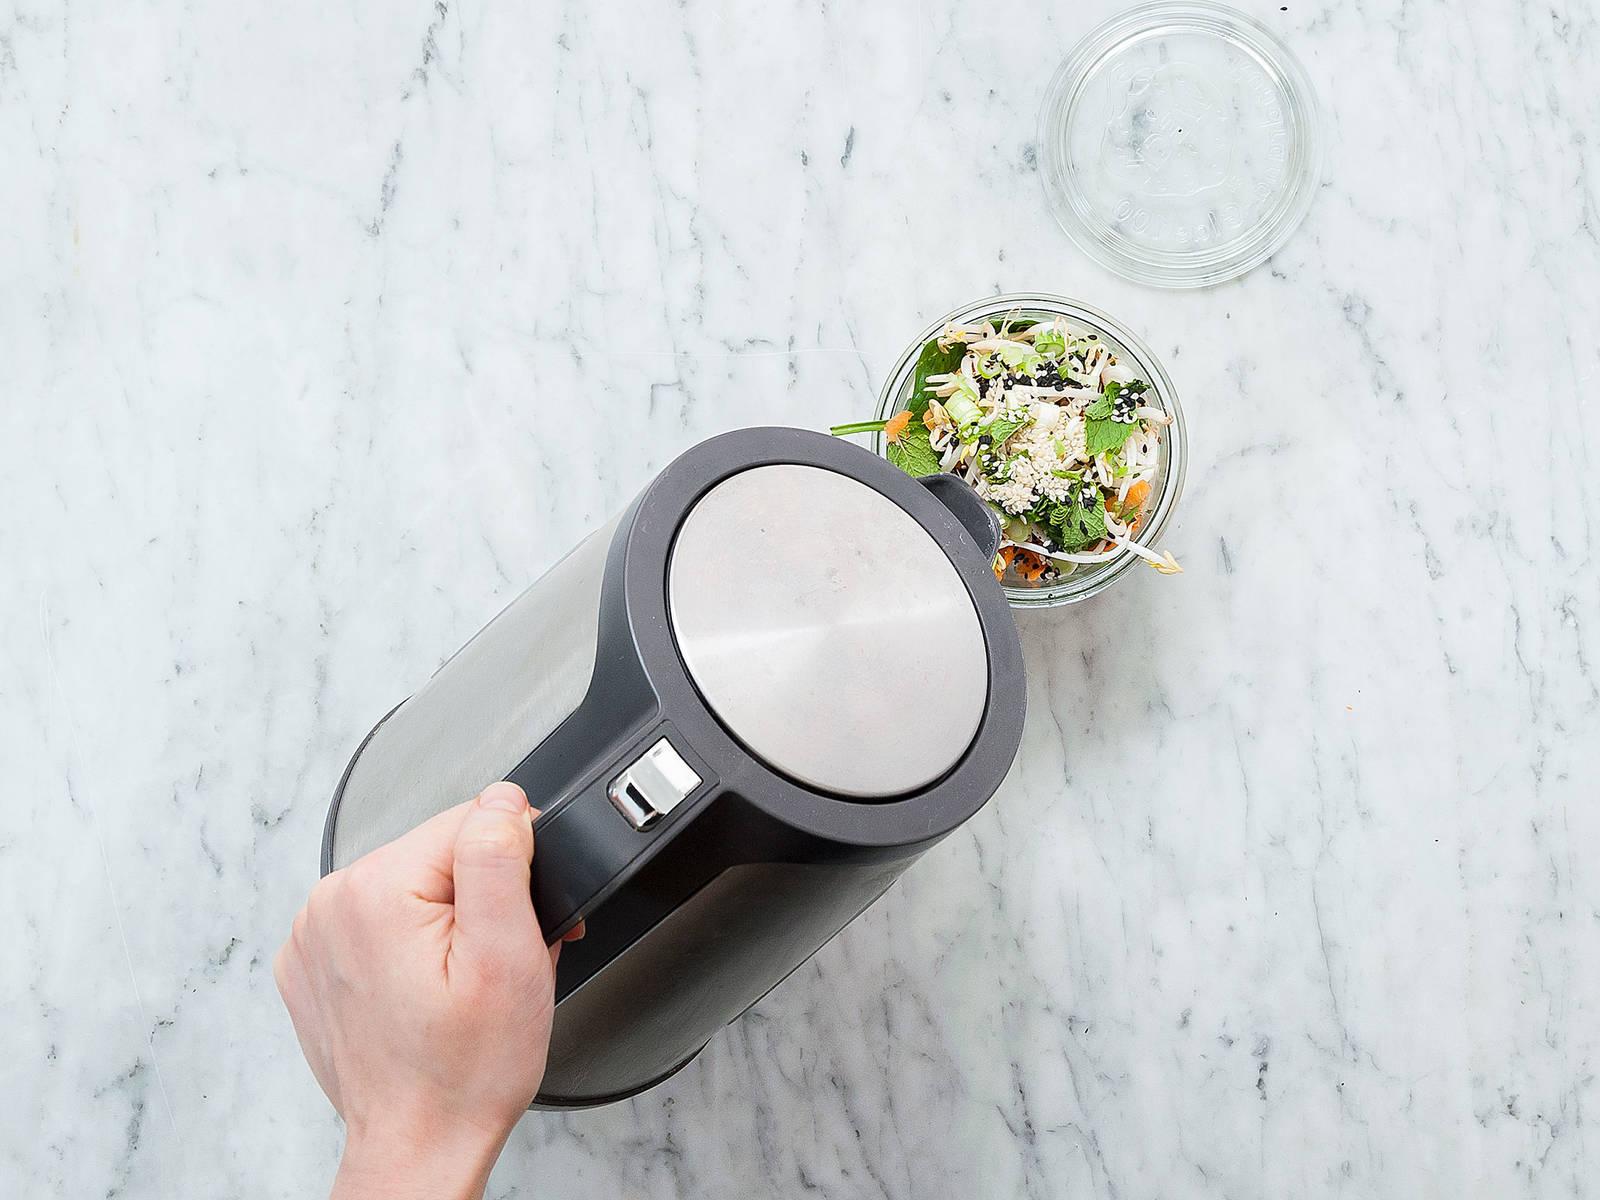 享用前,往梅森罐里倒满热水,静置5分钟。然后充分搅拌,让所有酱、米粉和蔬菜混合均匀。尽情享用吧!